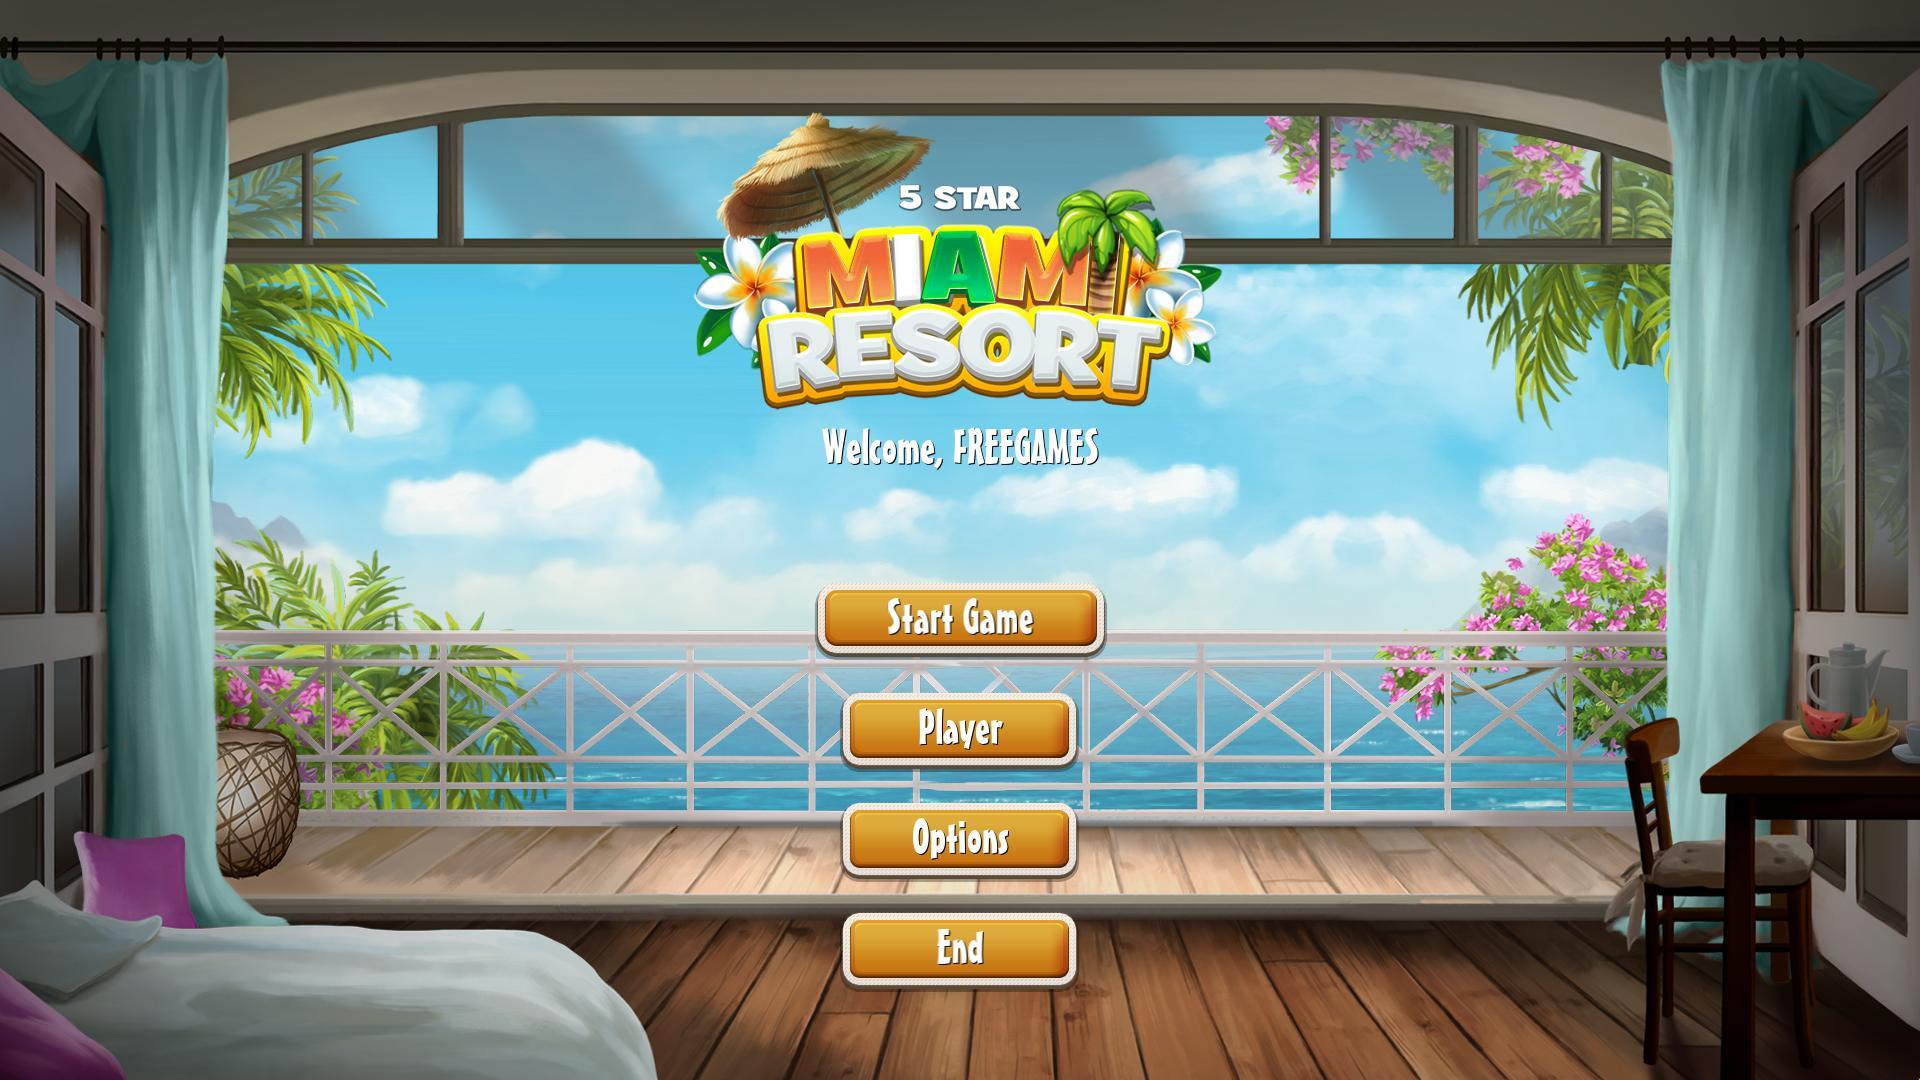 Пятизвездочный отель Майями | 5 Star Miami Resort (En)